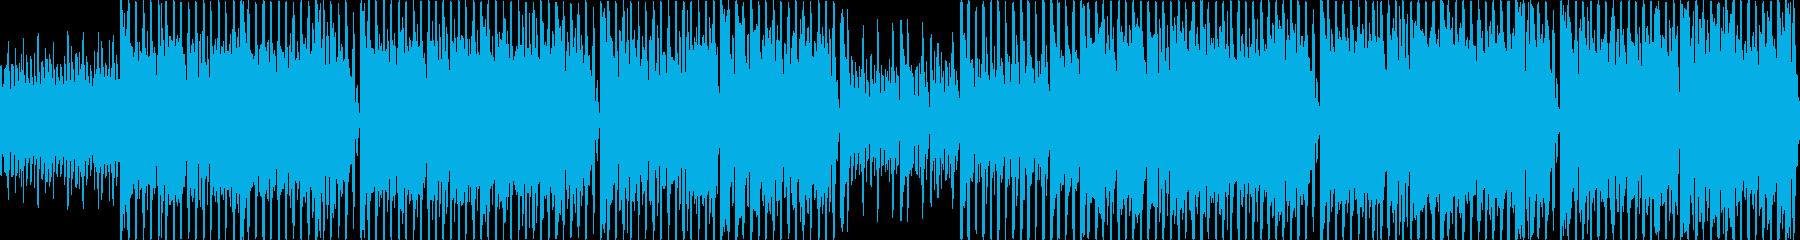 ゲームBGM アクション、パズル等の再生済みの波形